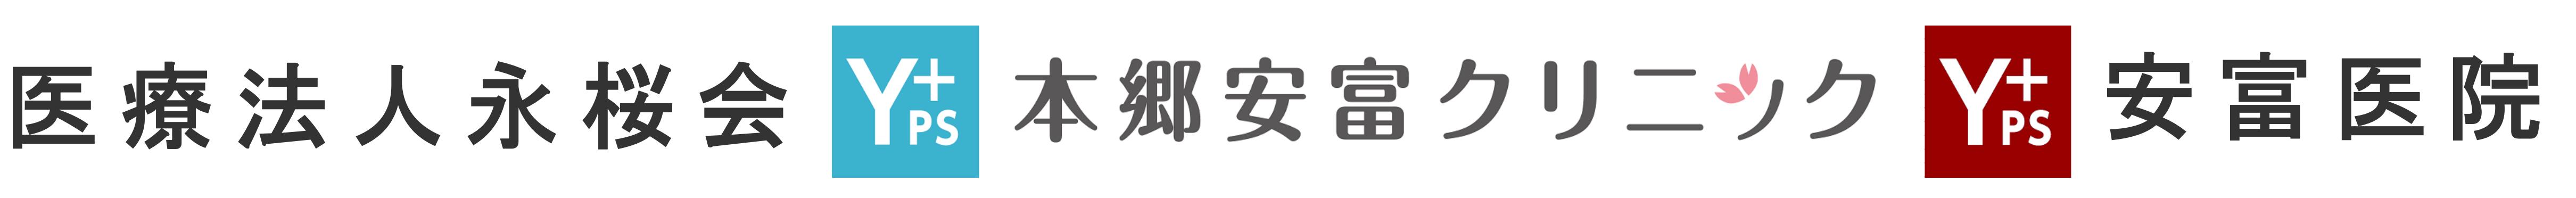 医療法人永桜会 本郷安富クリニック 安富医院 常滑市 形成外科 呼吸器内科 糖尿病内科 内科 美容皮膚科